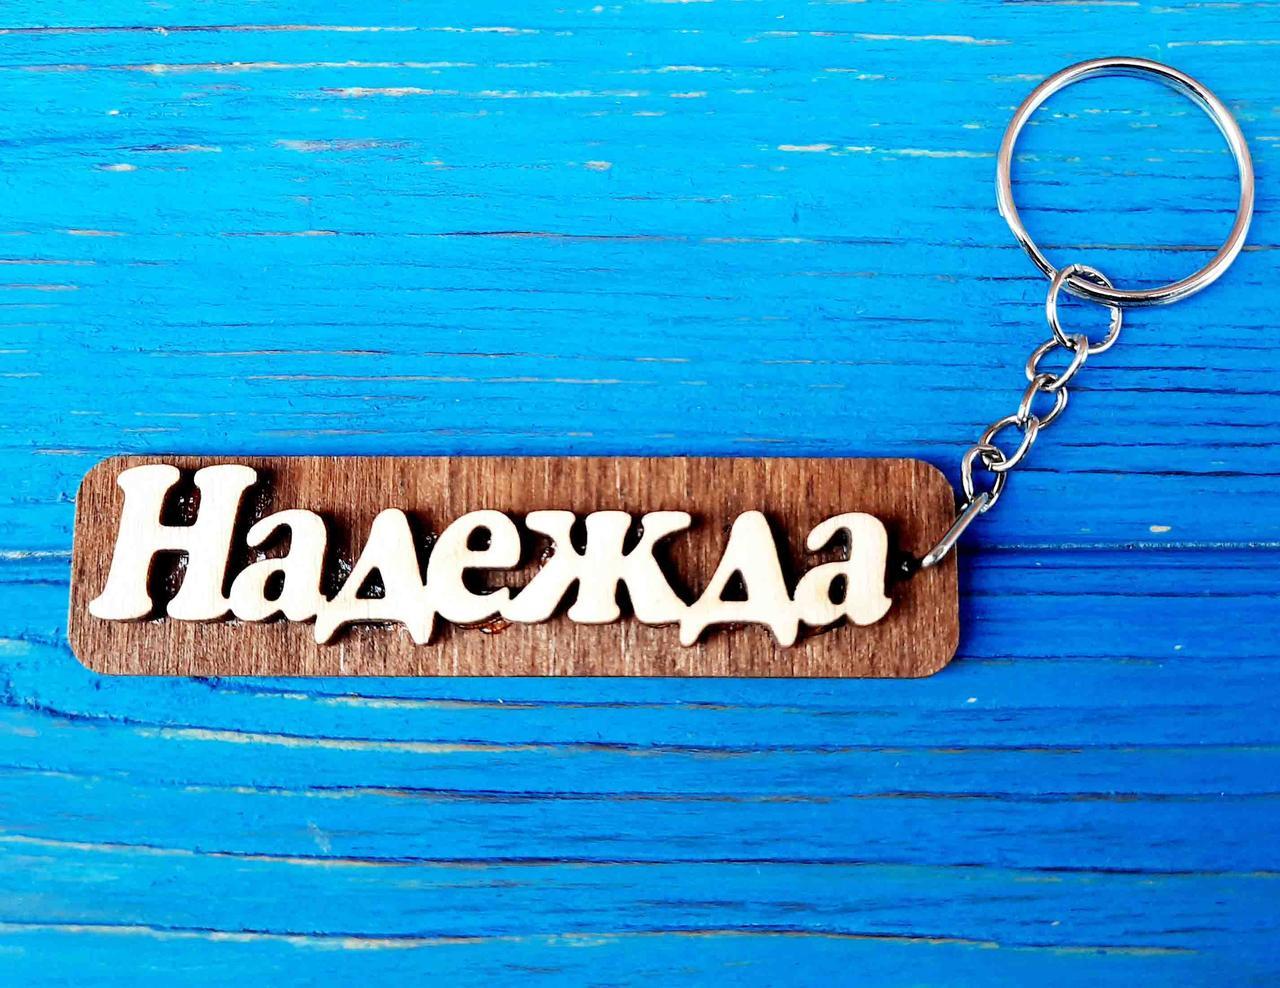 Брелок именной Надежда. Брелок с именем Надежда. Брелок деревянный. Брелок для ключей. Брелоки с именами